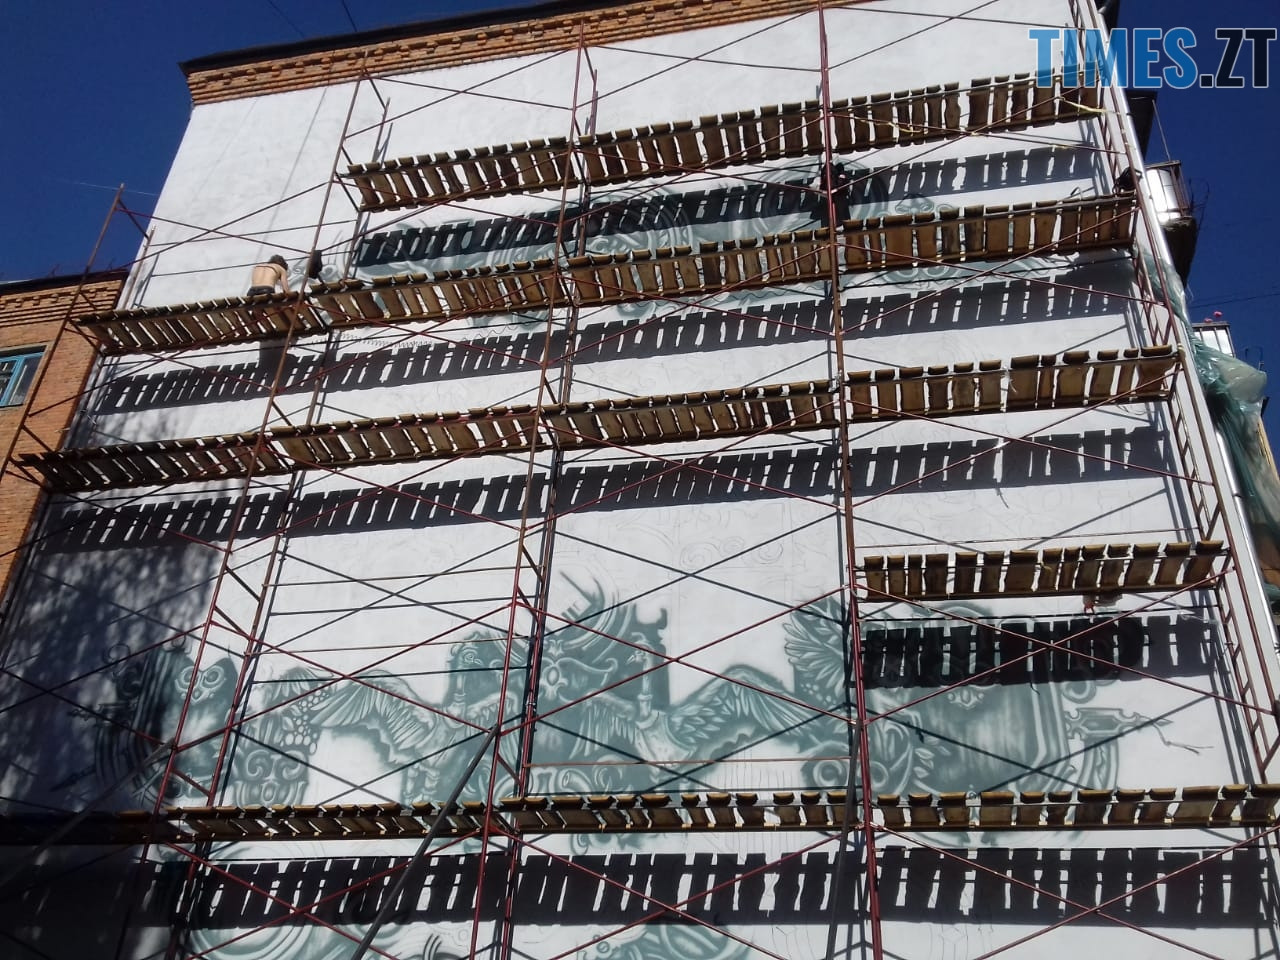 WhatsApp Image 2018 09 24 at 17.49.41 1 - За місяць у Житомирі з'явиться найбільший мурал міста (ФОТО, ВІДЕО)